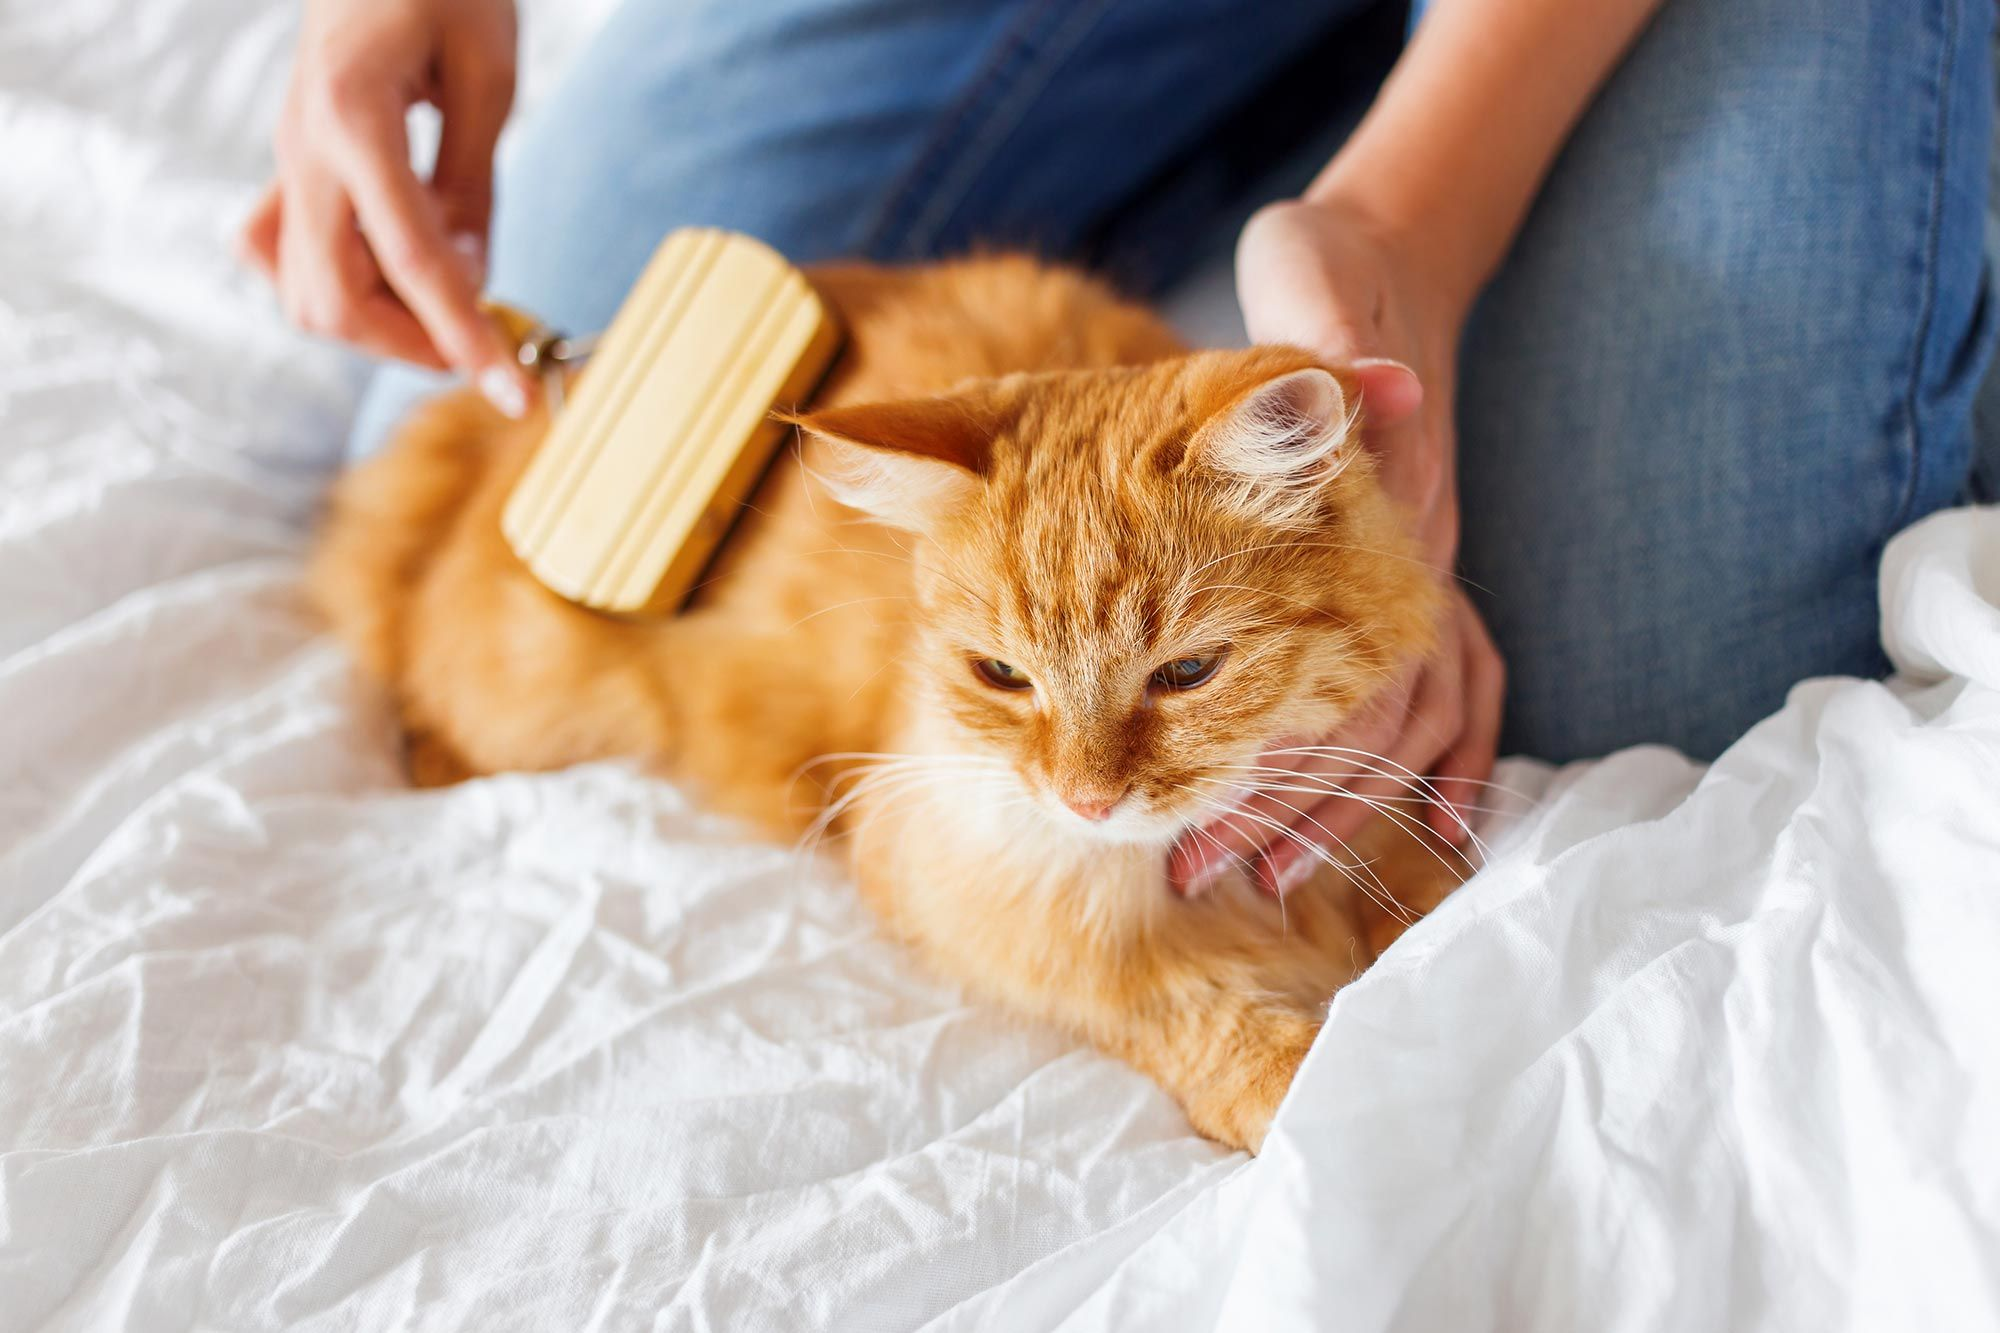 cepillar gato